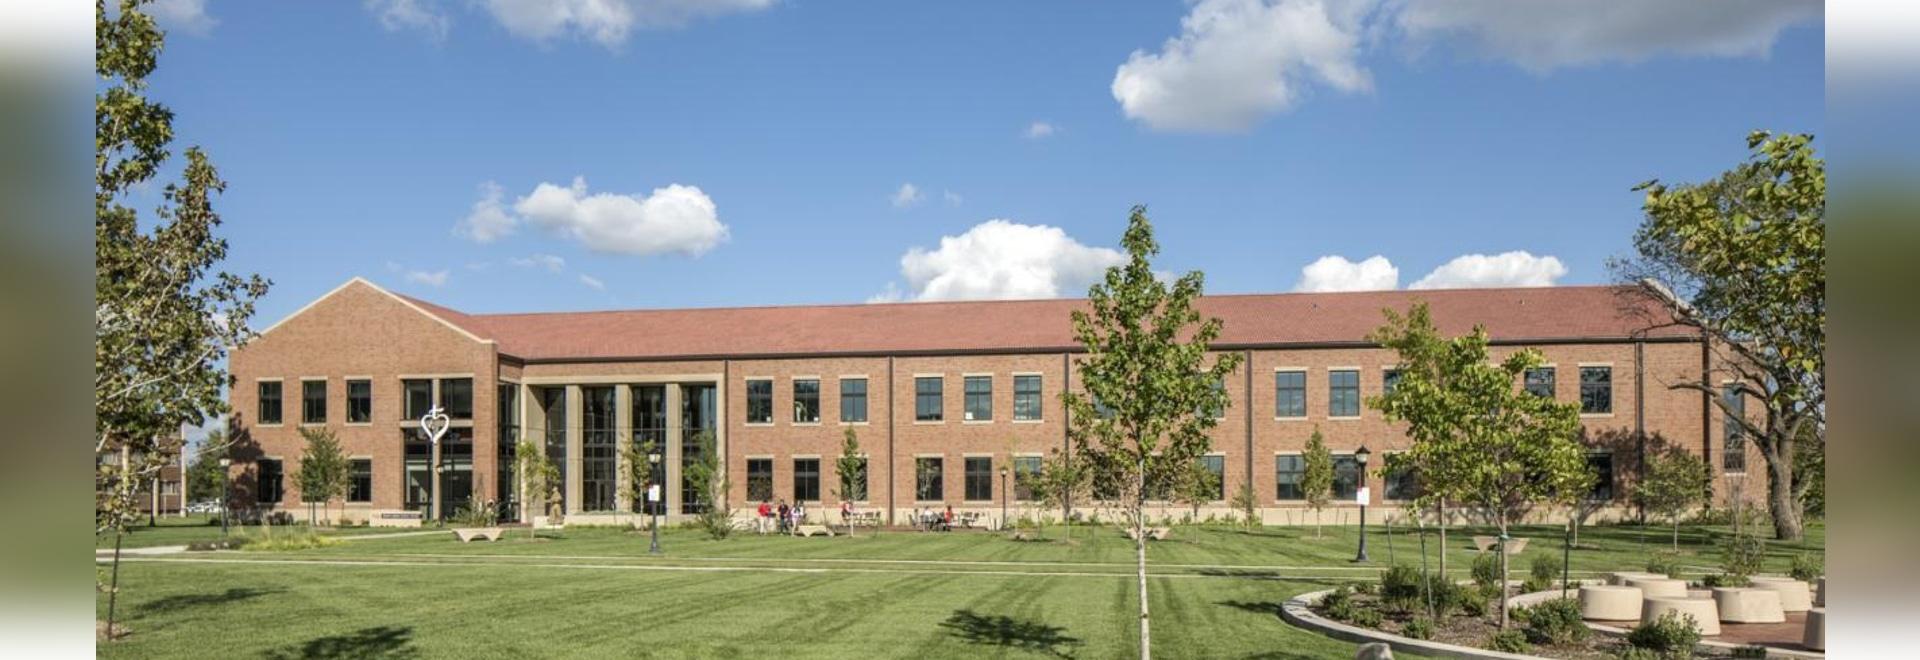 Évêque Gerber Science Center et Eck Hall Renovations, université de Newman, Wichita, le Kansas